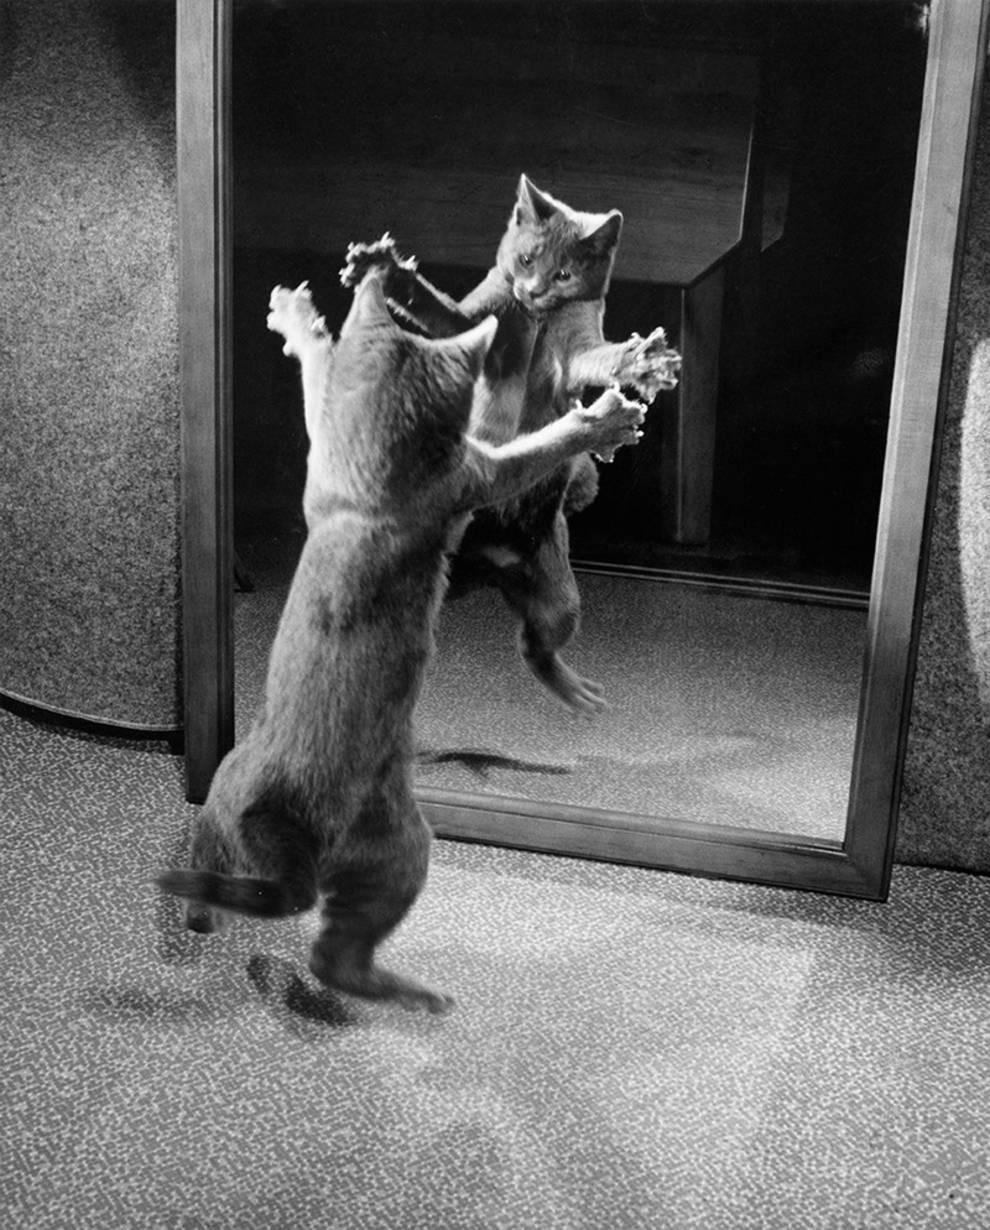 Кот играет со своим отражением в зеркале, 1964. Автор Уолтер Чандоха